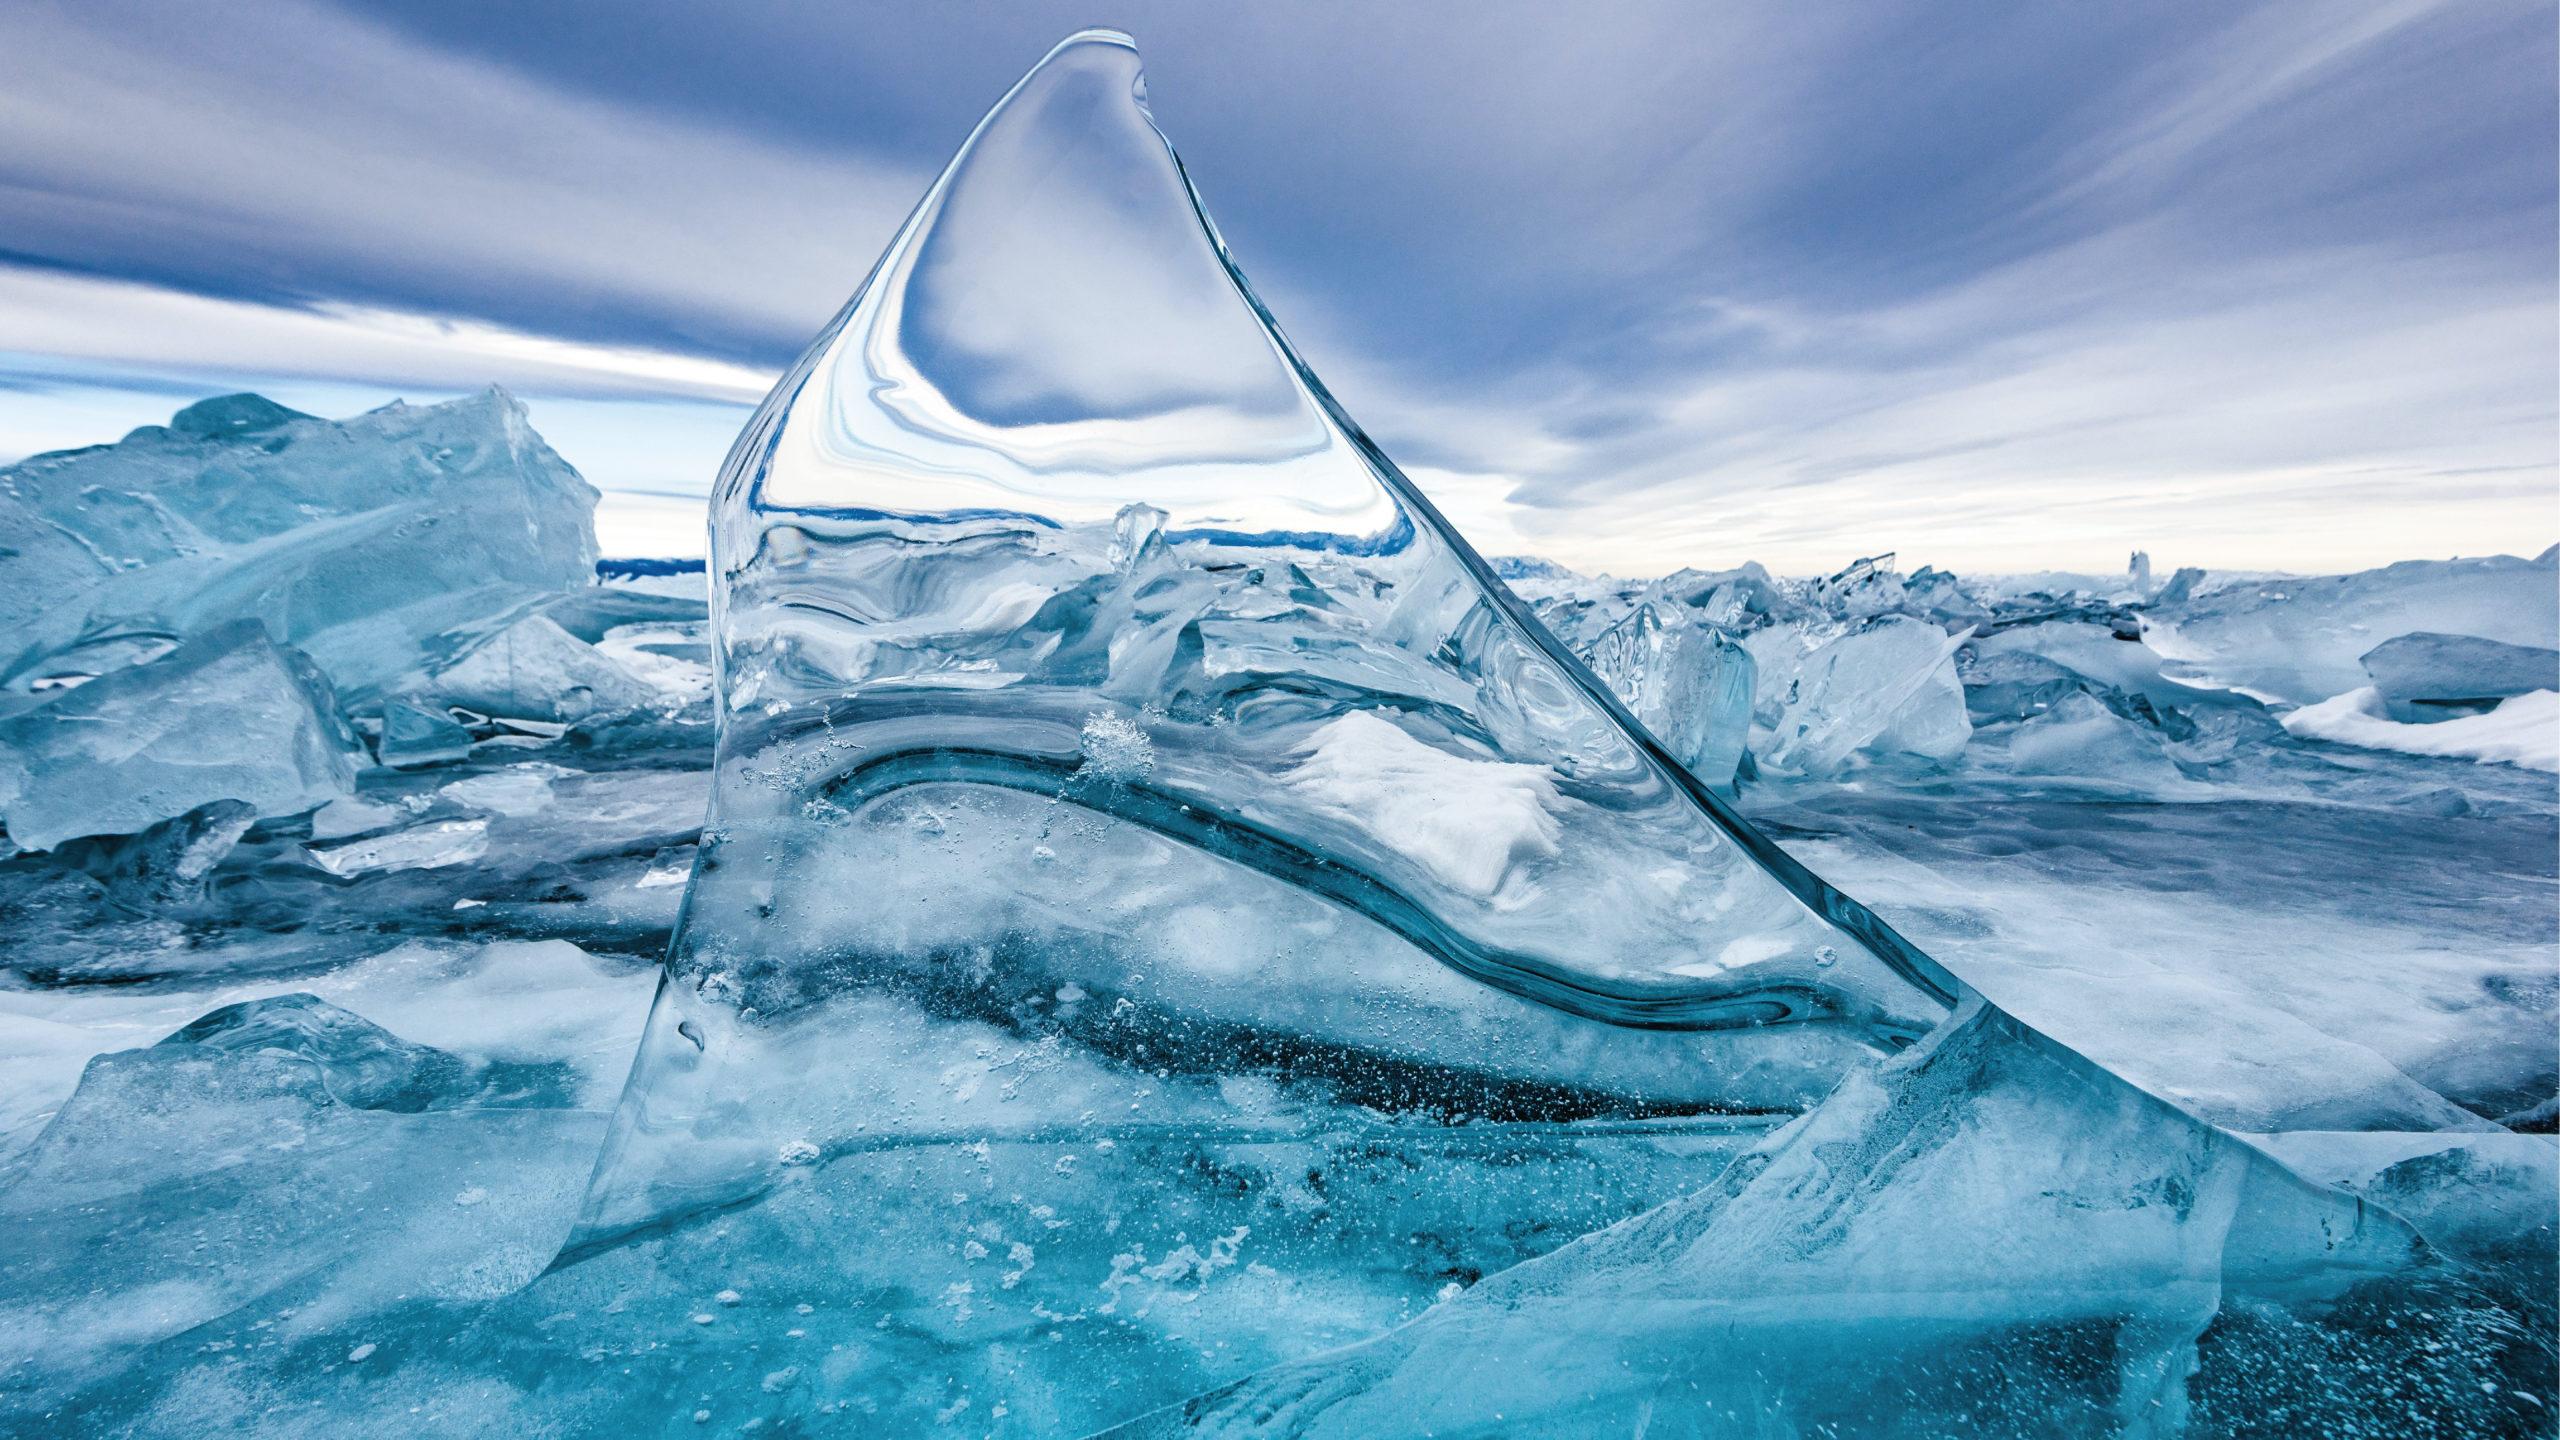 Sobrevive microorganismo que estuvo congelado 24,000 años en Siberia